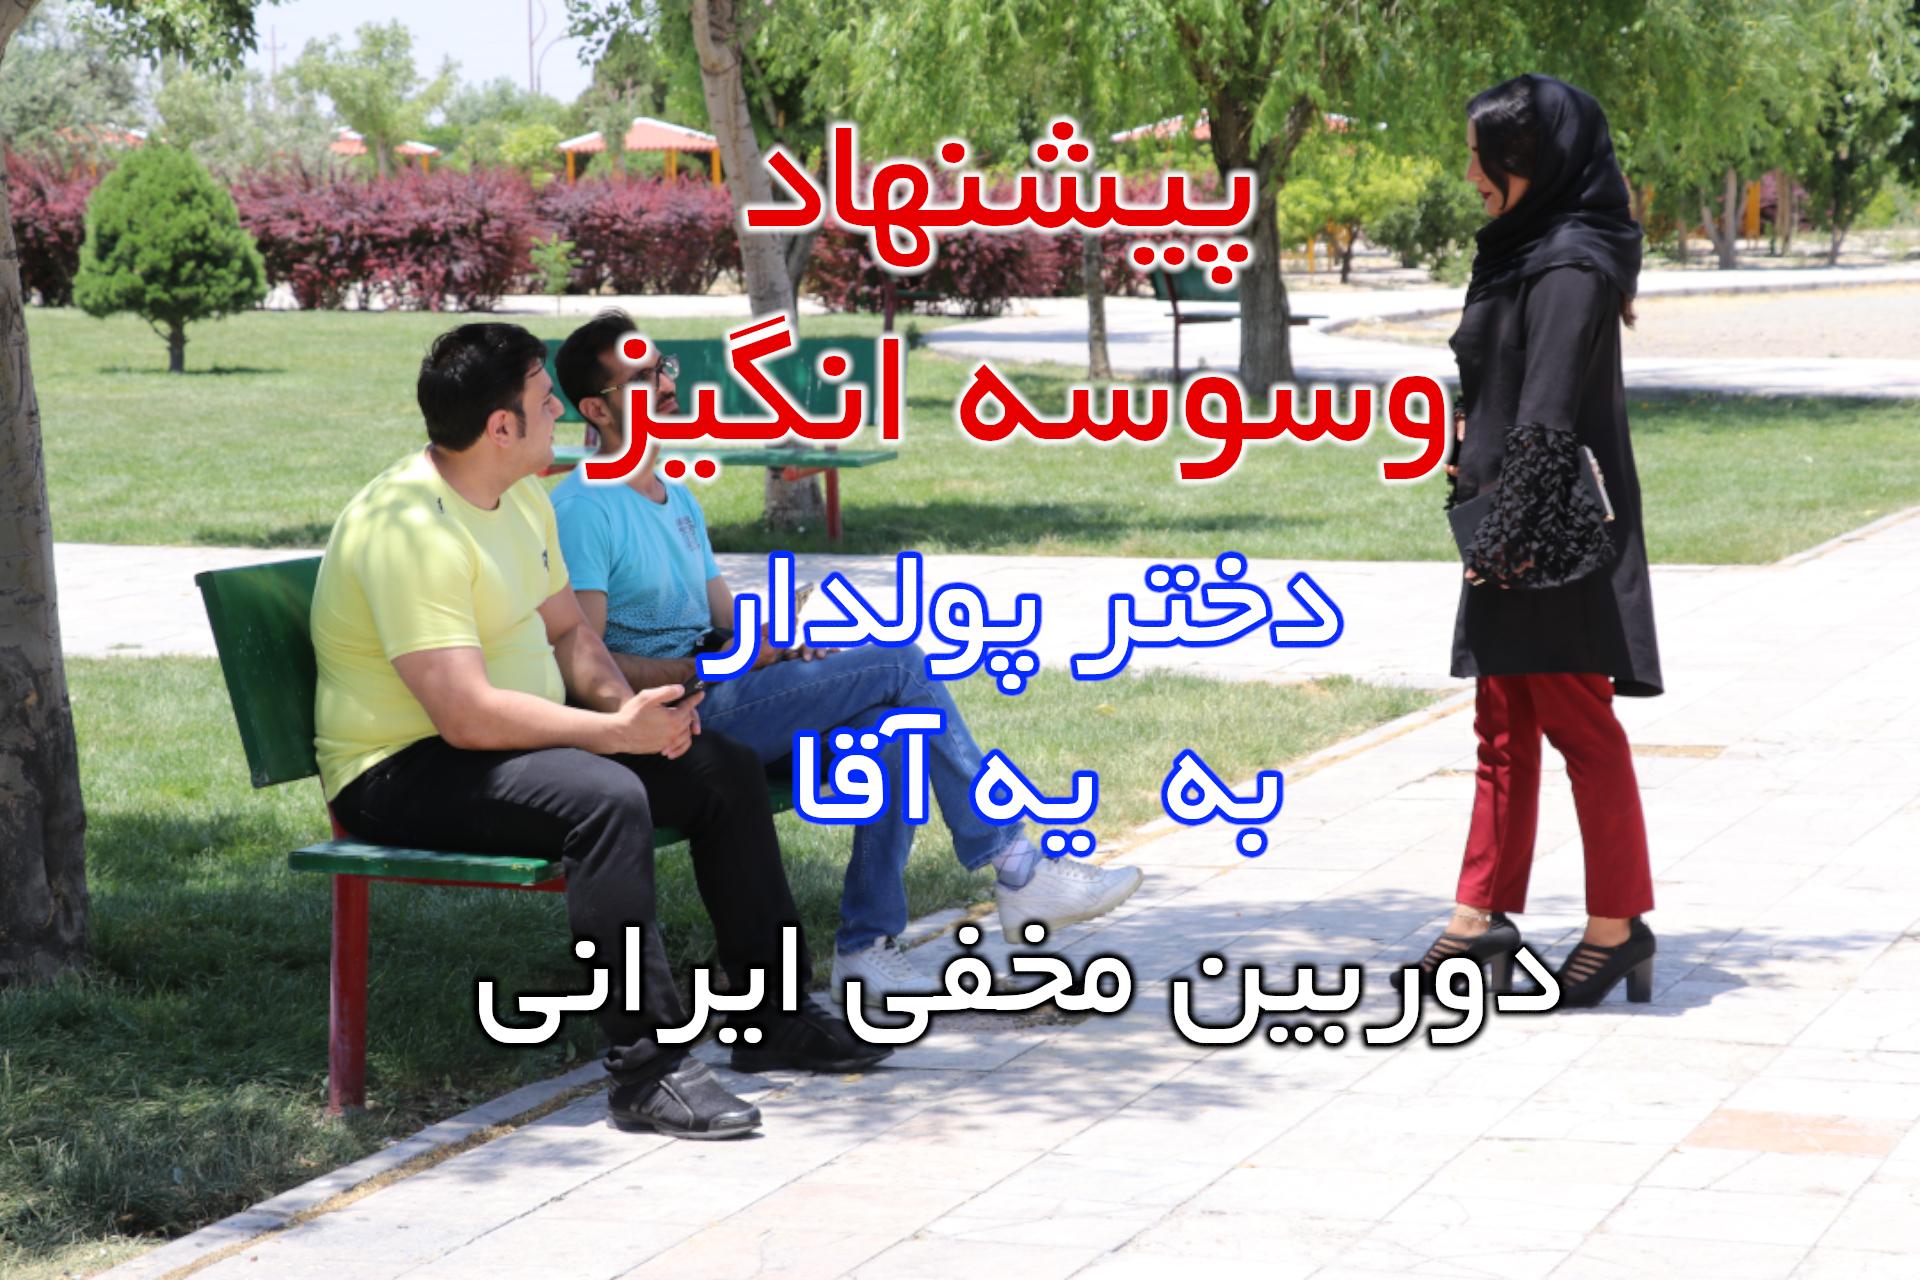 پیشنهاد ازدواج سید امیرحسین شریفی حسینی